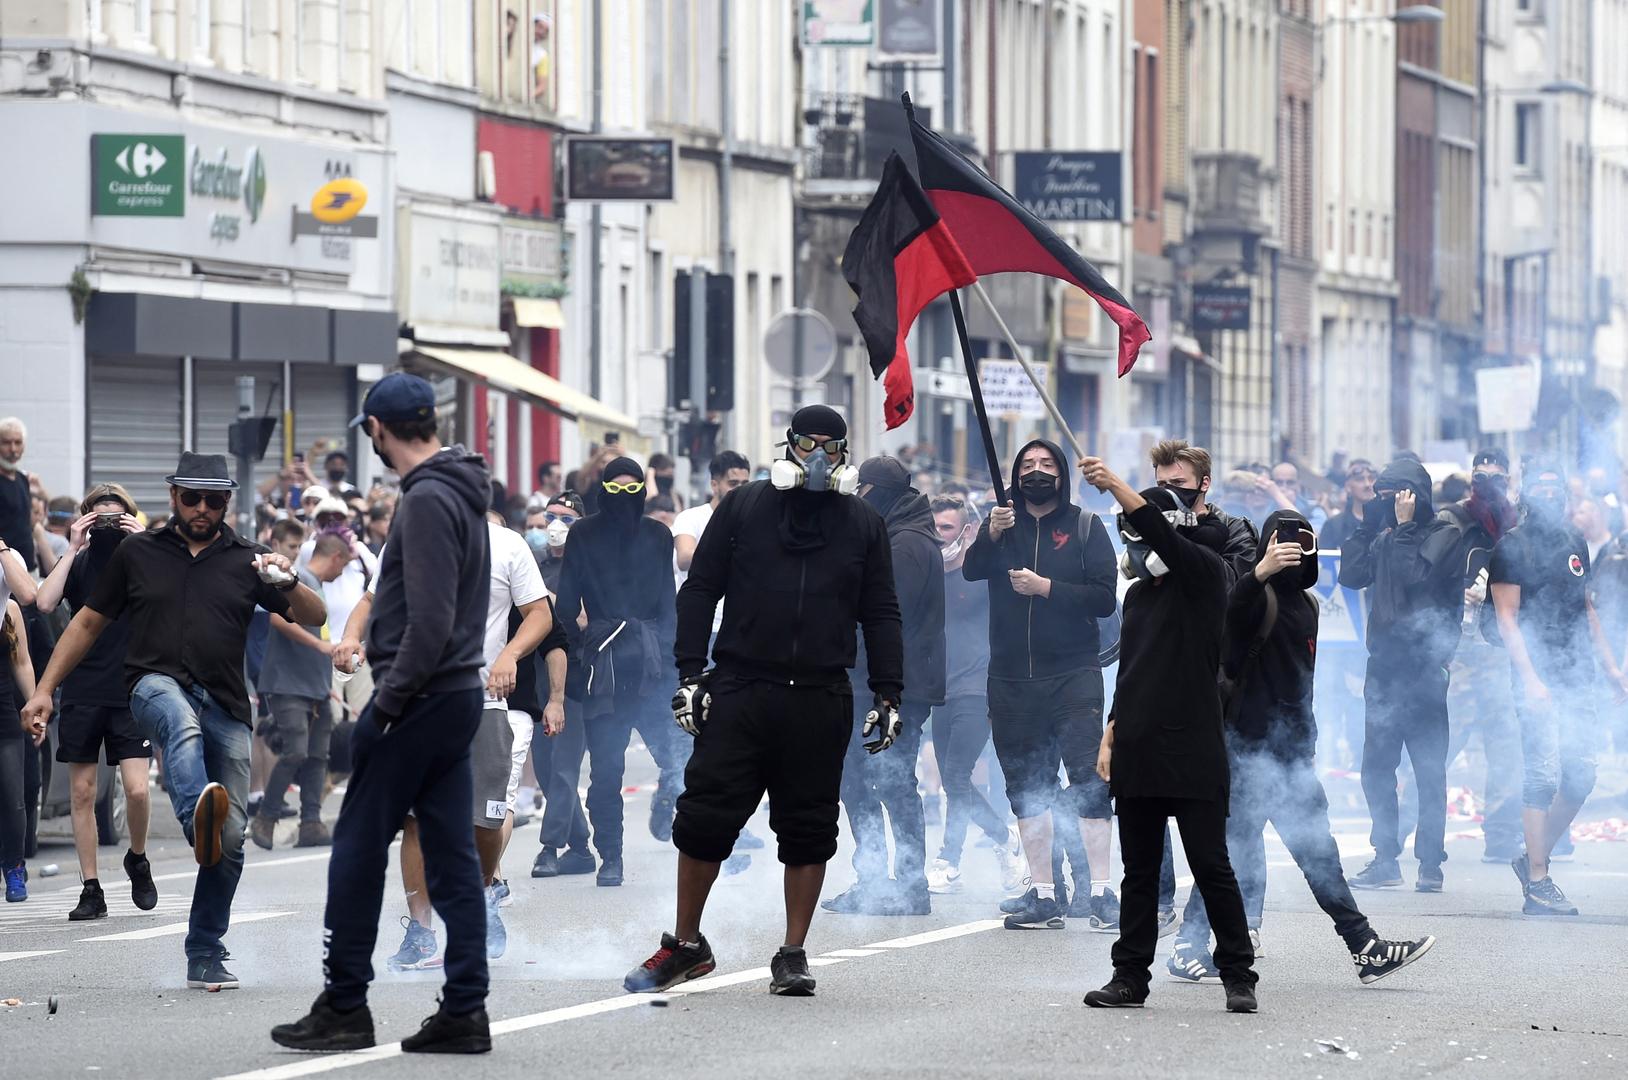 احتجاجات ضد قيود كورونا في مدينة ليل الفرنسية 21 أغسطس 2021